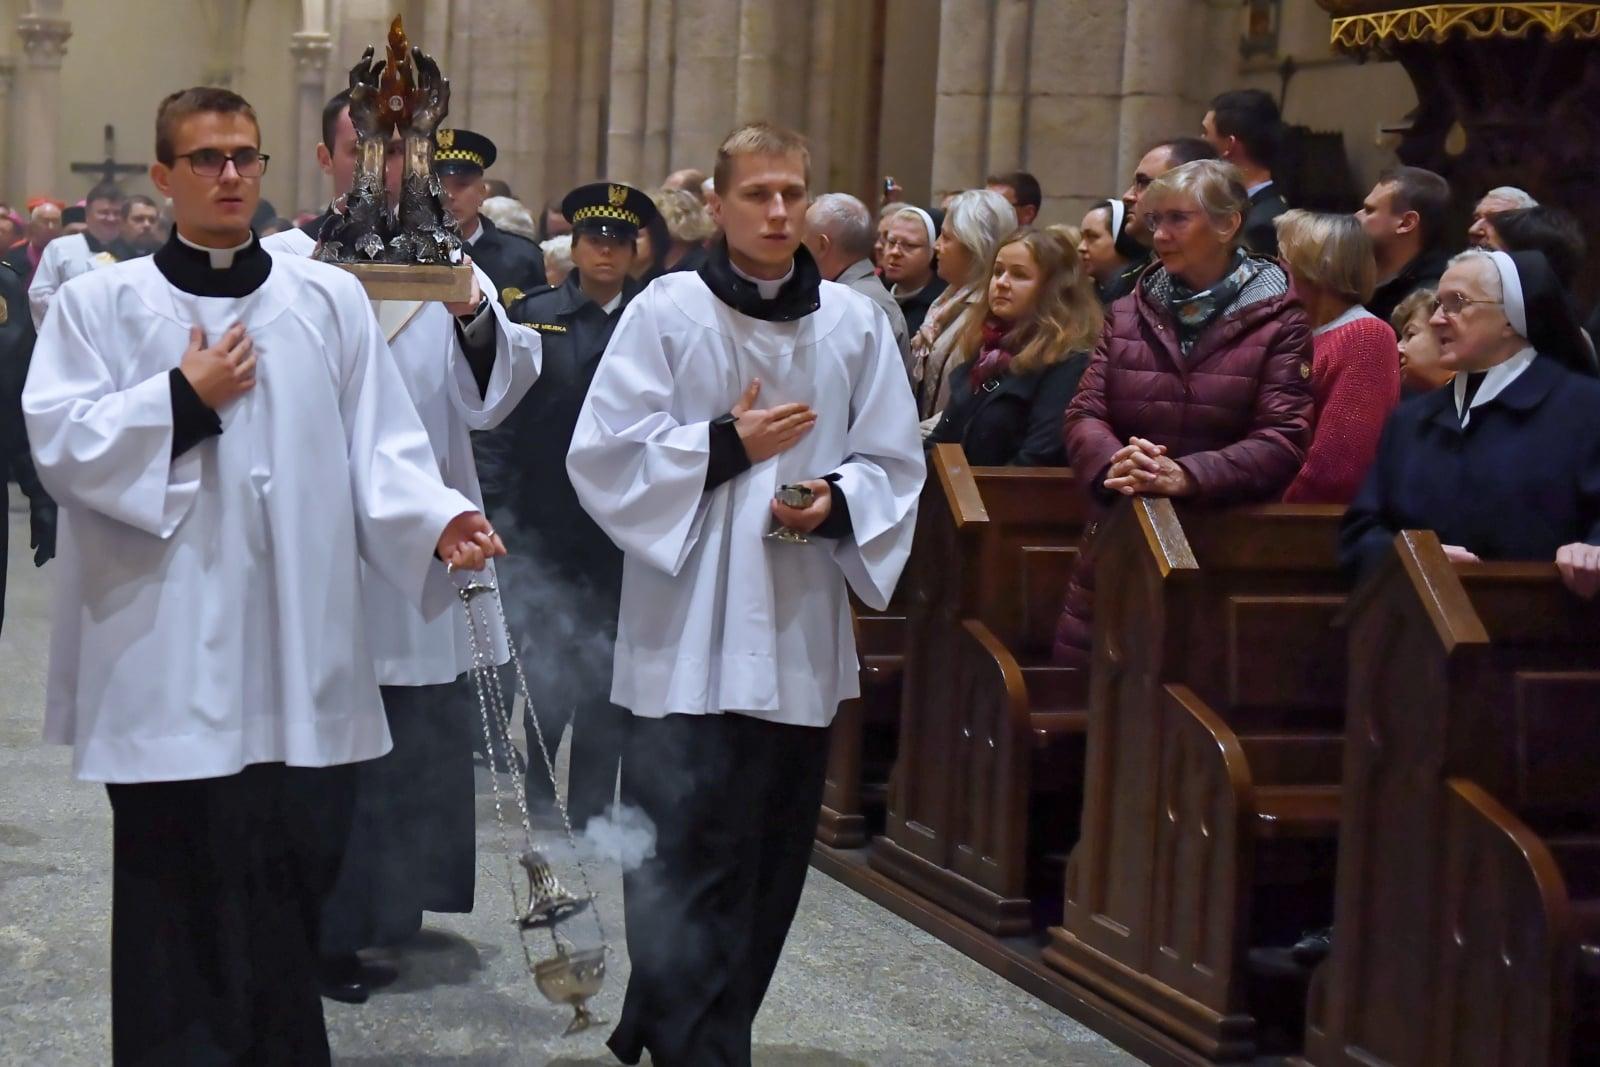 Kongres świętej Faustyny w Łodzi PAP/Grzegorz Michałowski